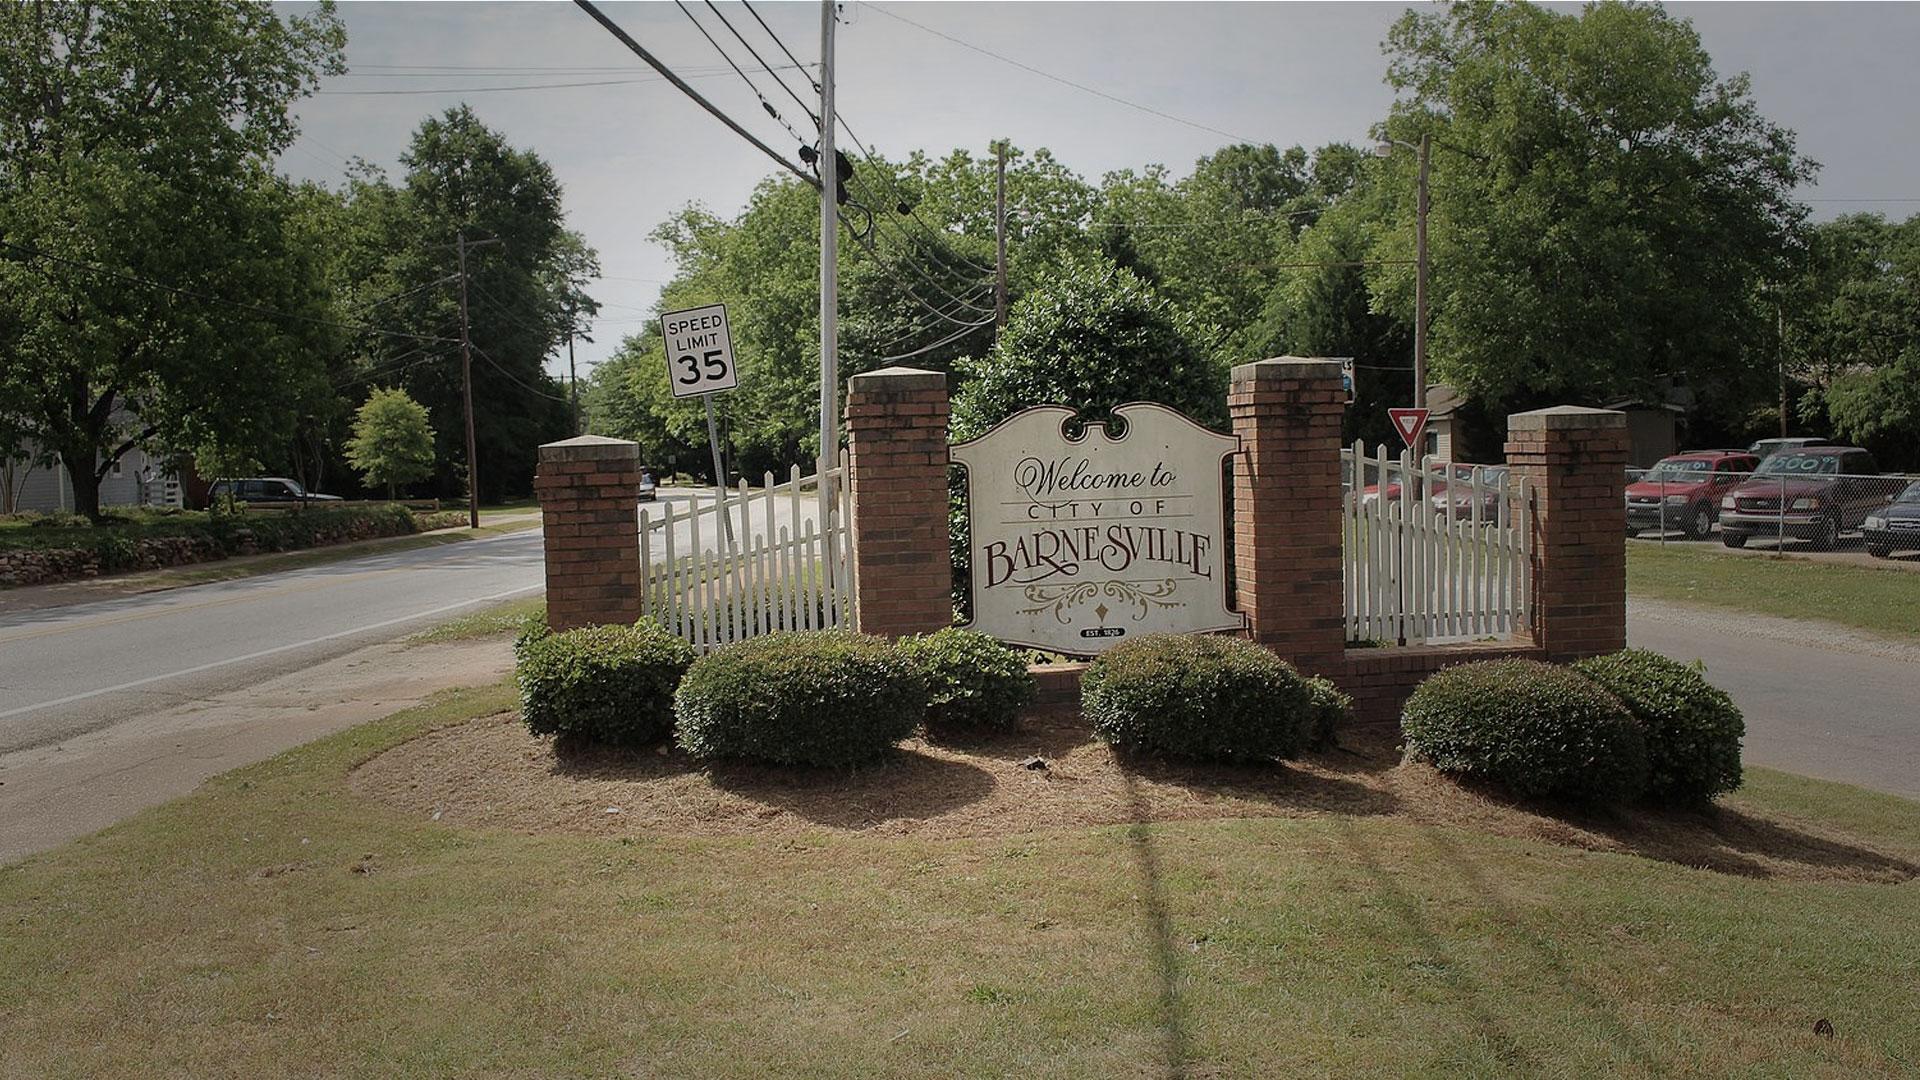 Barnseville, Alabama